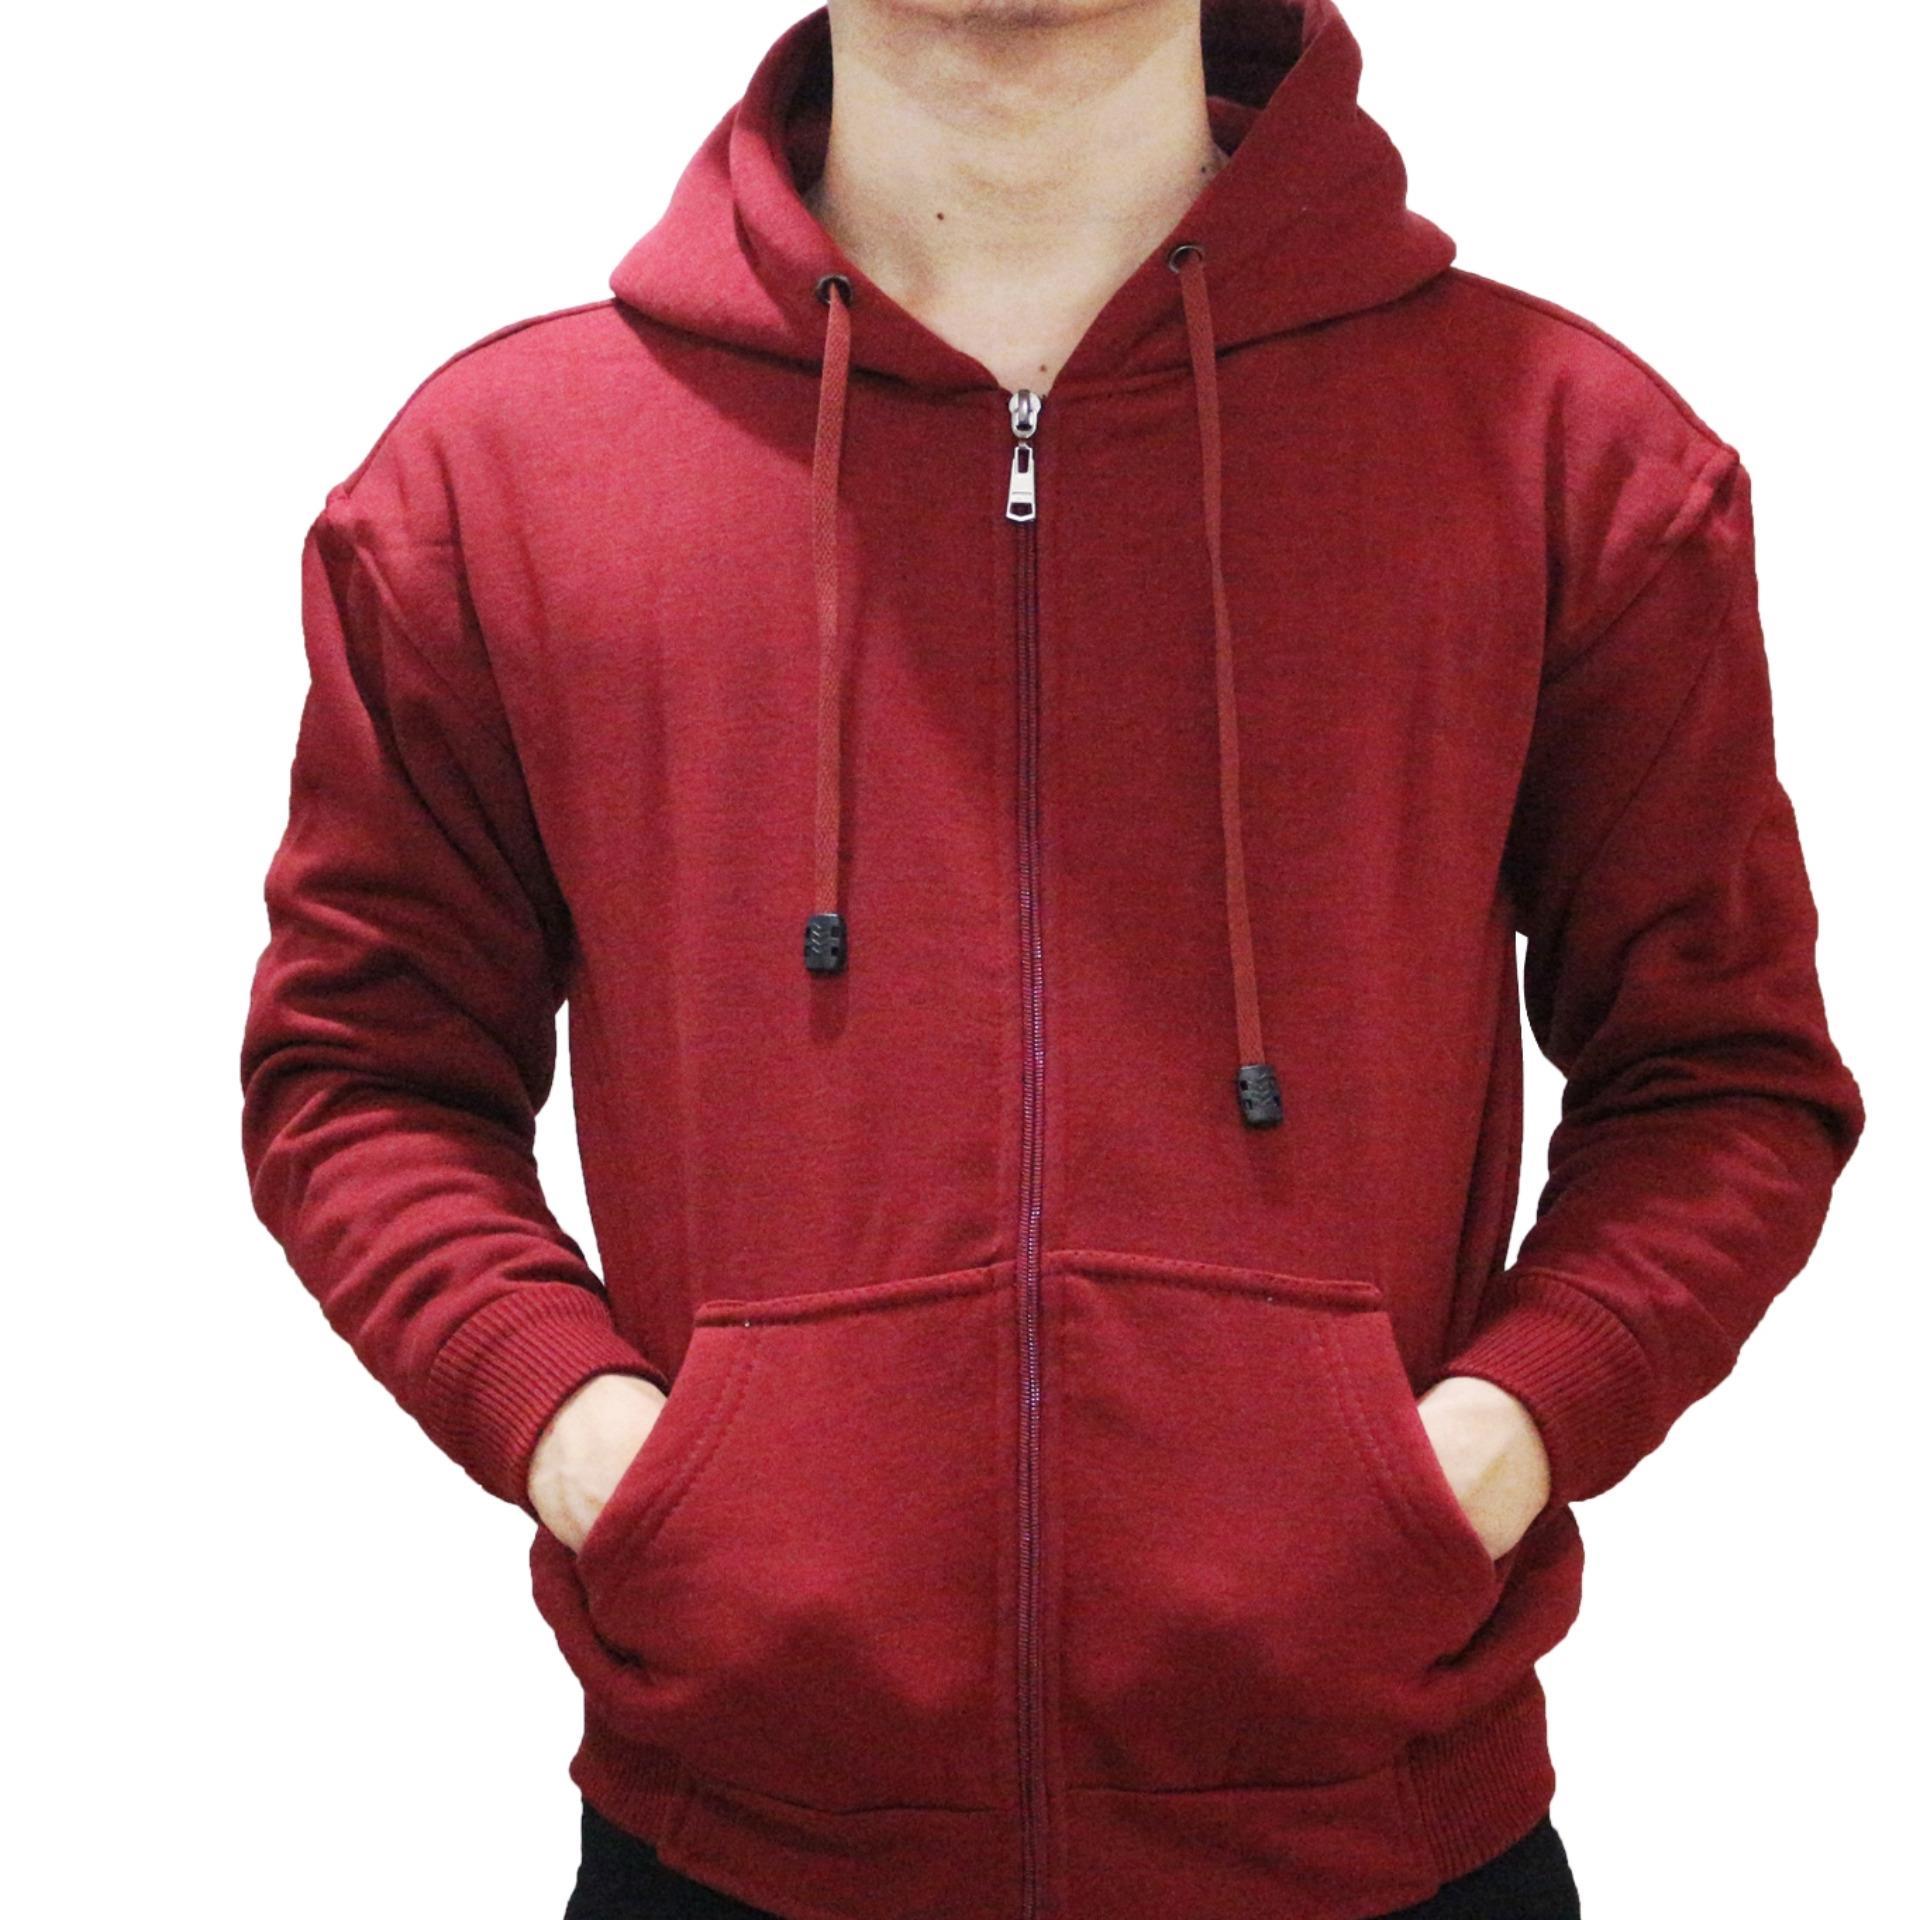 Beli Jaket Sweater Polos Hoodie Zipper Merah Maroon Baru